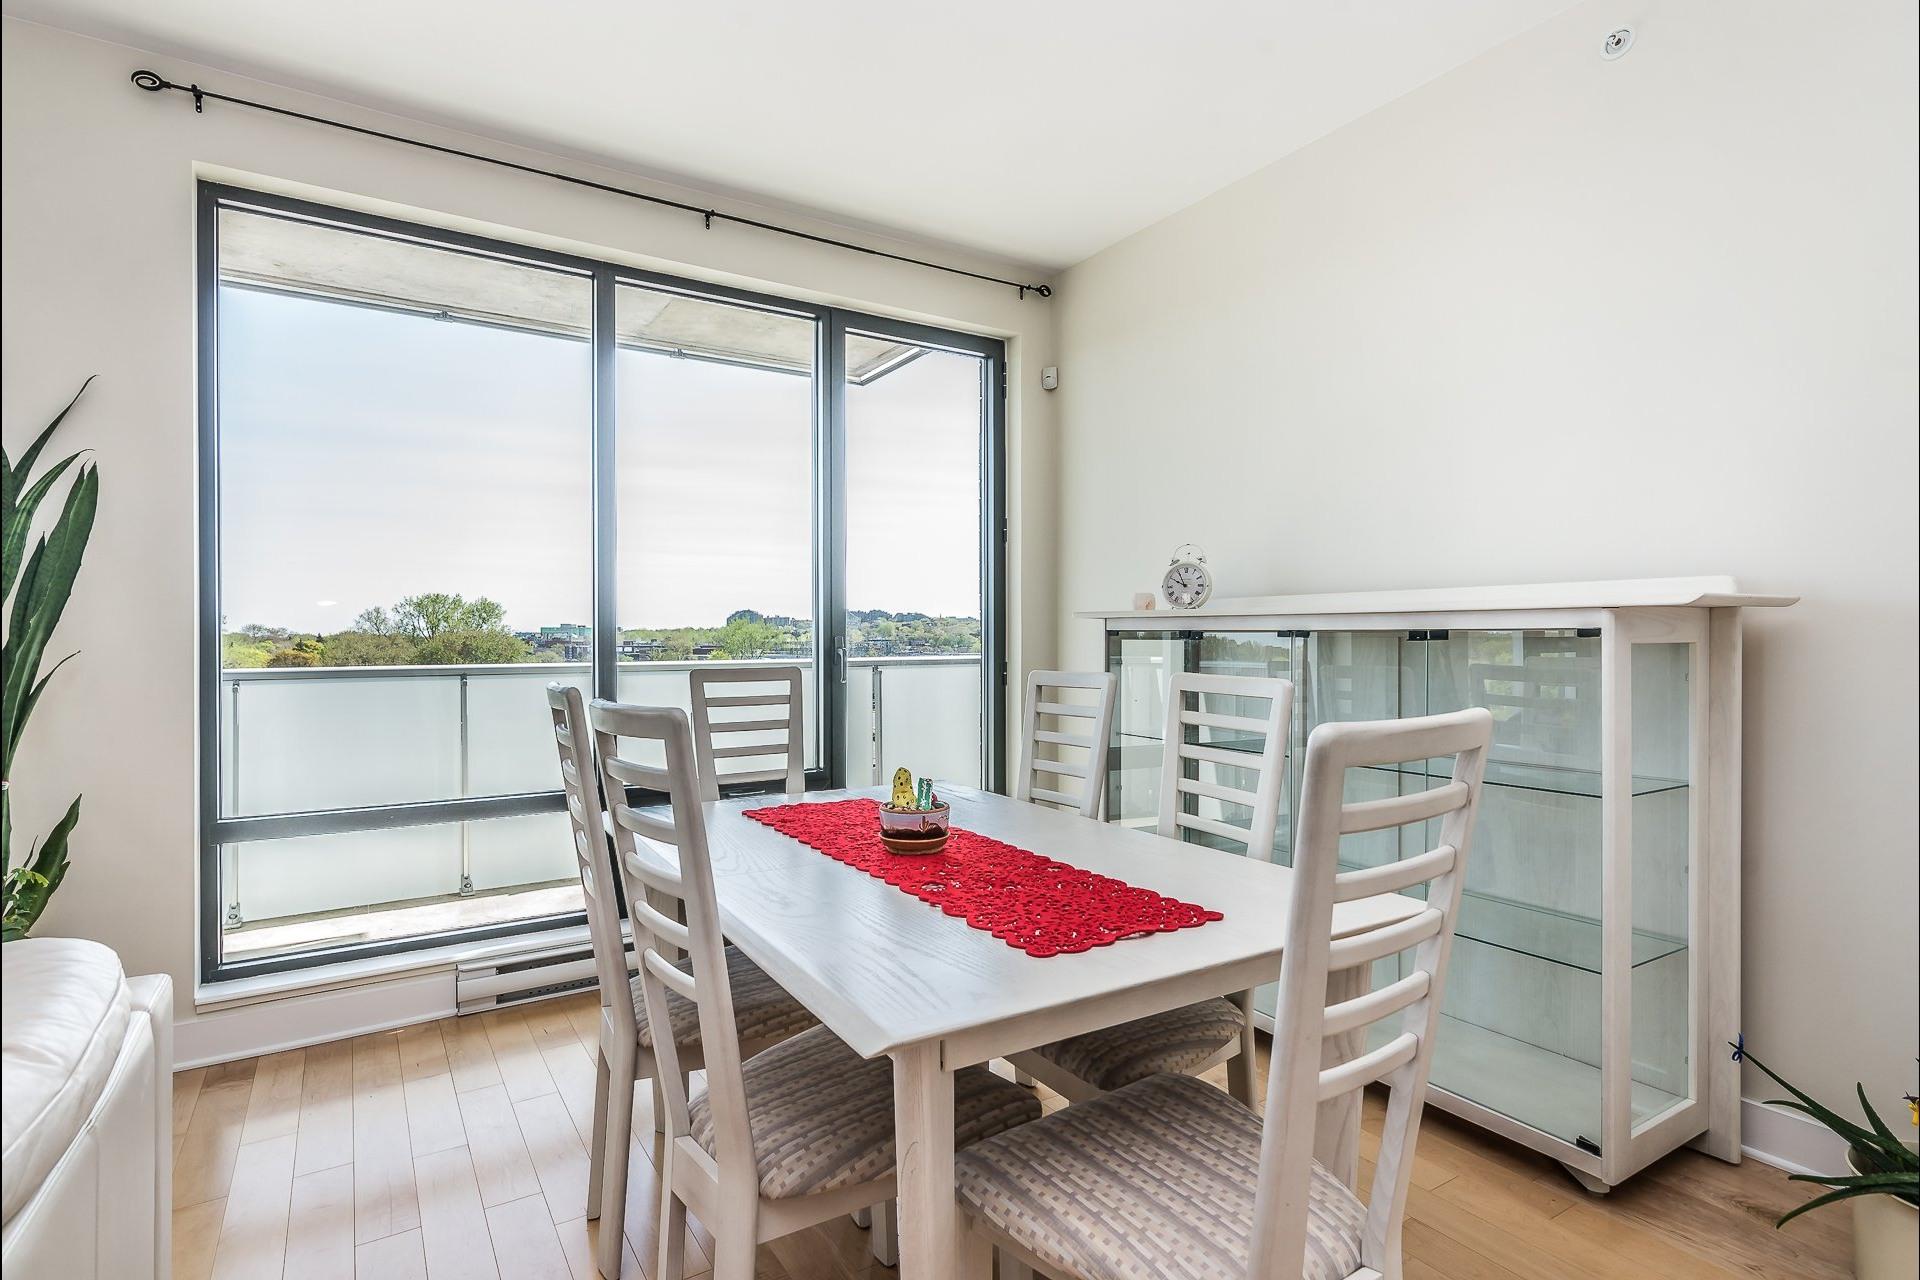 image 5 - Appartement À louer Montréal Côte-des-Neiges/Notre-Dame-de-Grâce  - 5 pièces